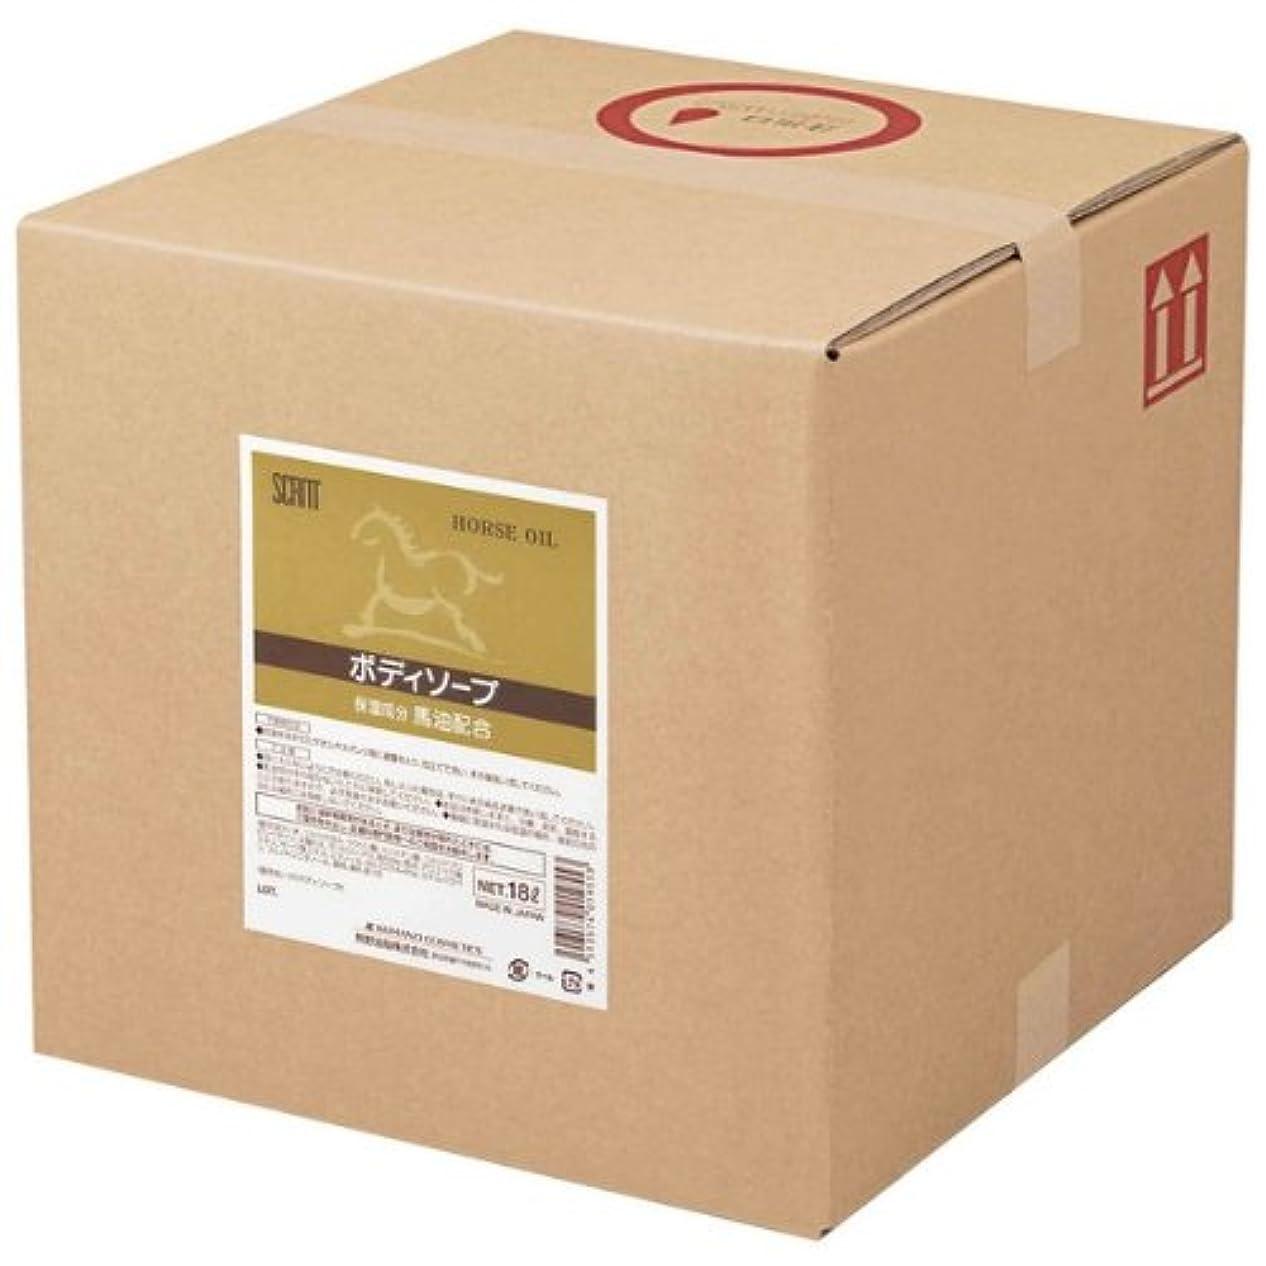 肝修正するサバントSCRITT(スクリット) 馬油ボディソープ/4384 18L コック付